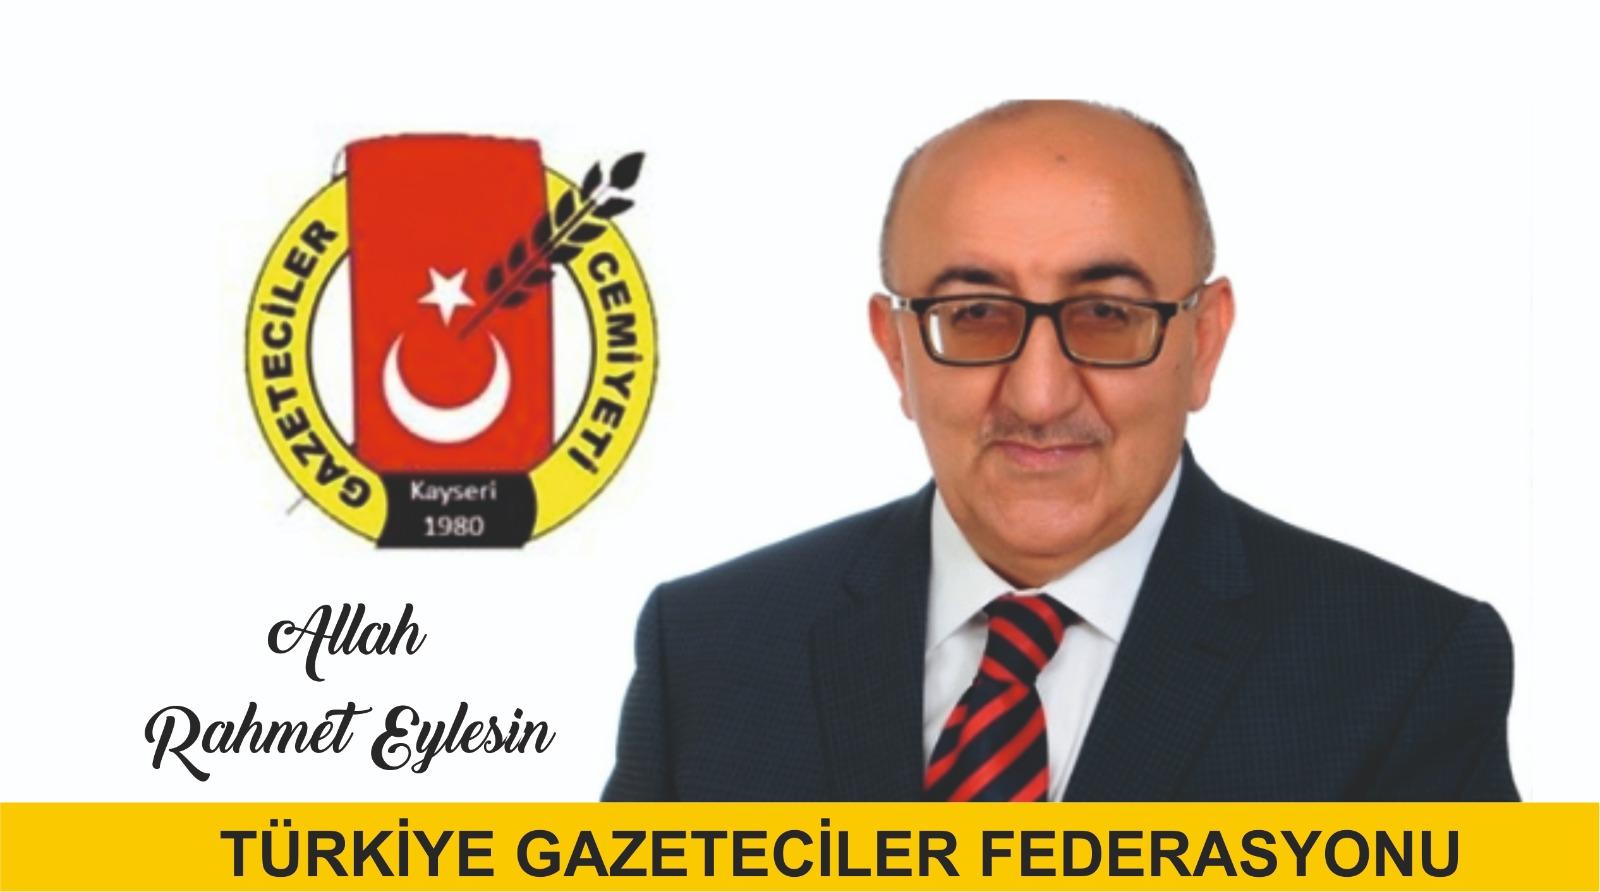 """TGF: """"Duayen Veli Altınkaya'yı kaybettik"""""""